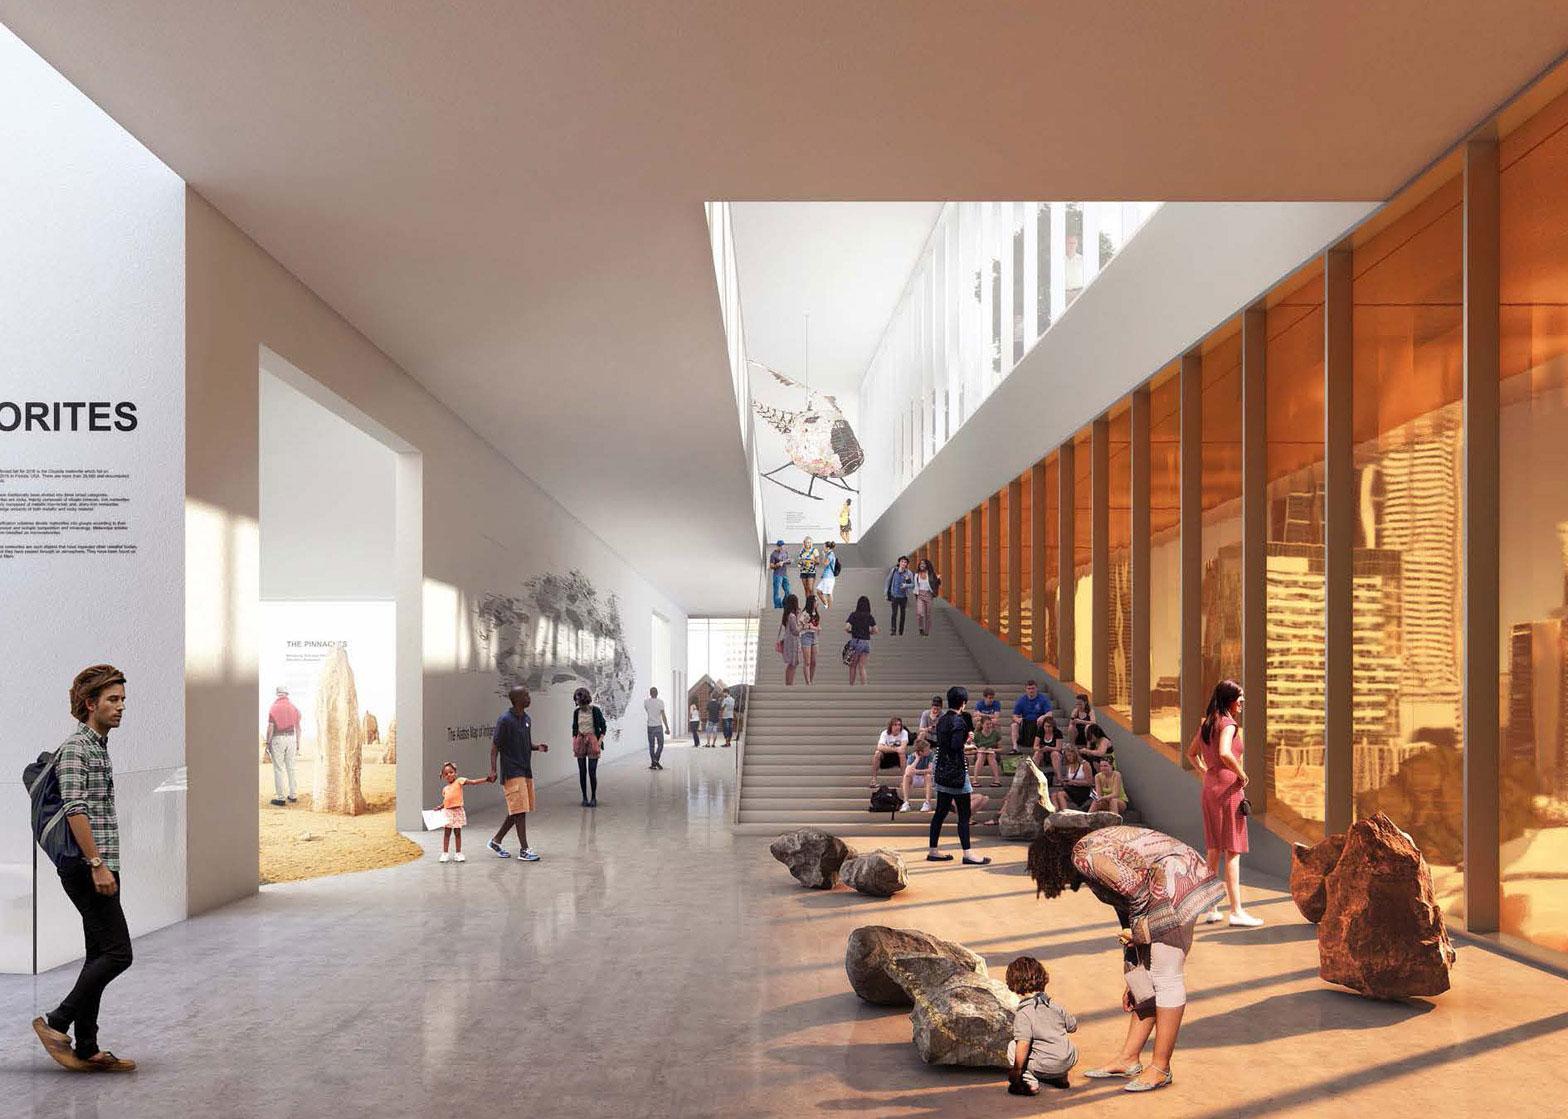 New Museum Perth/Australie door OMA en Hassell